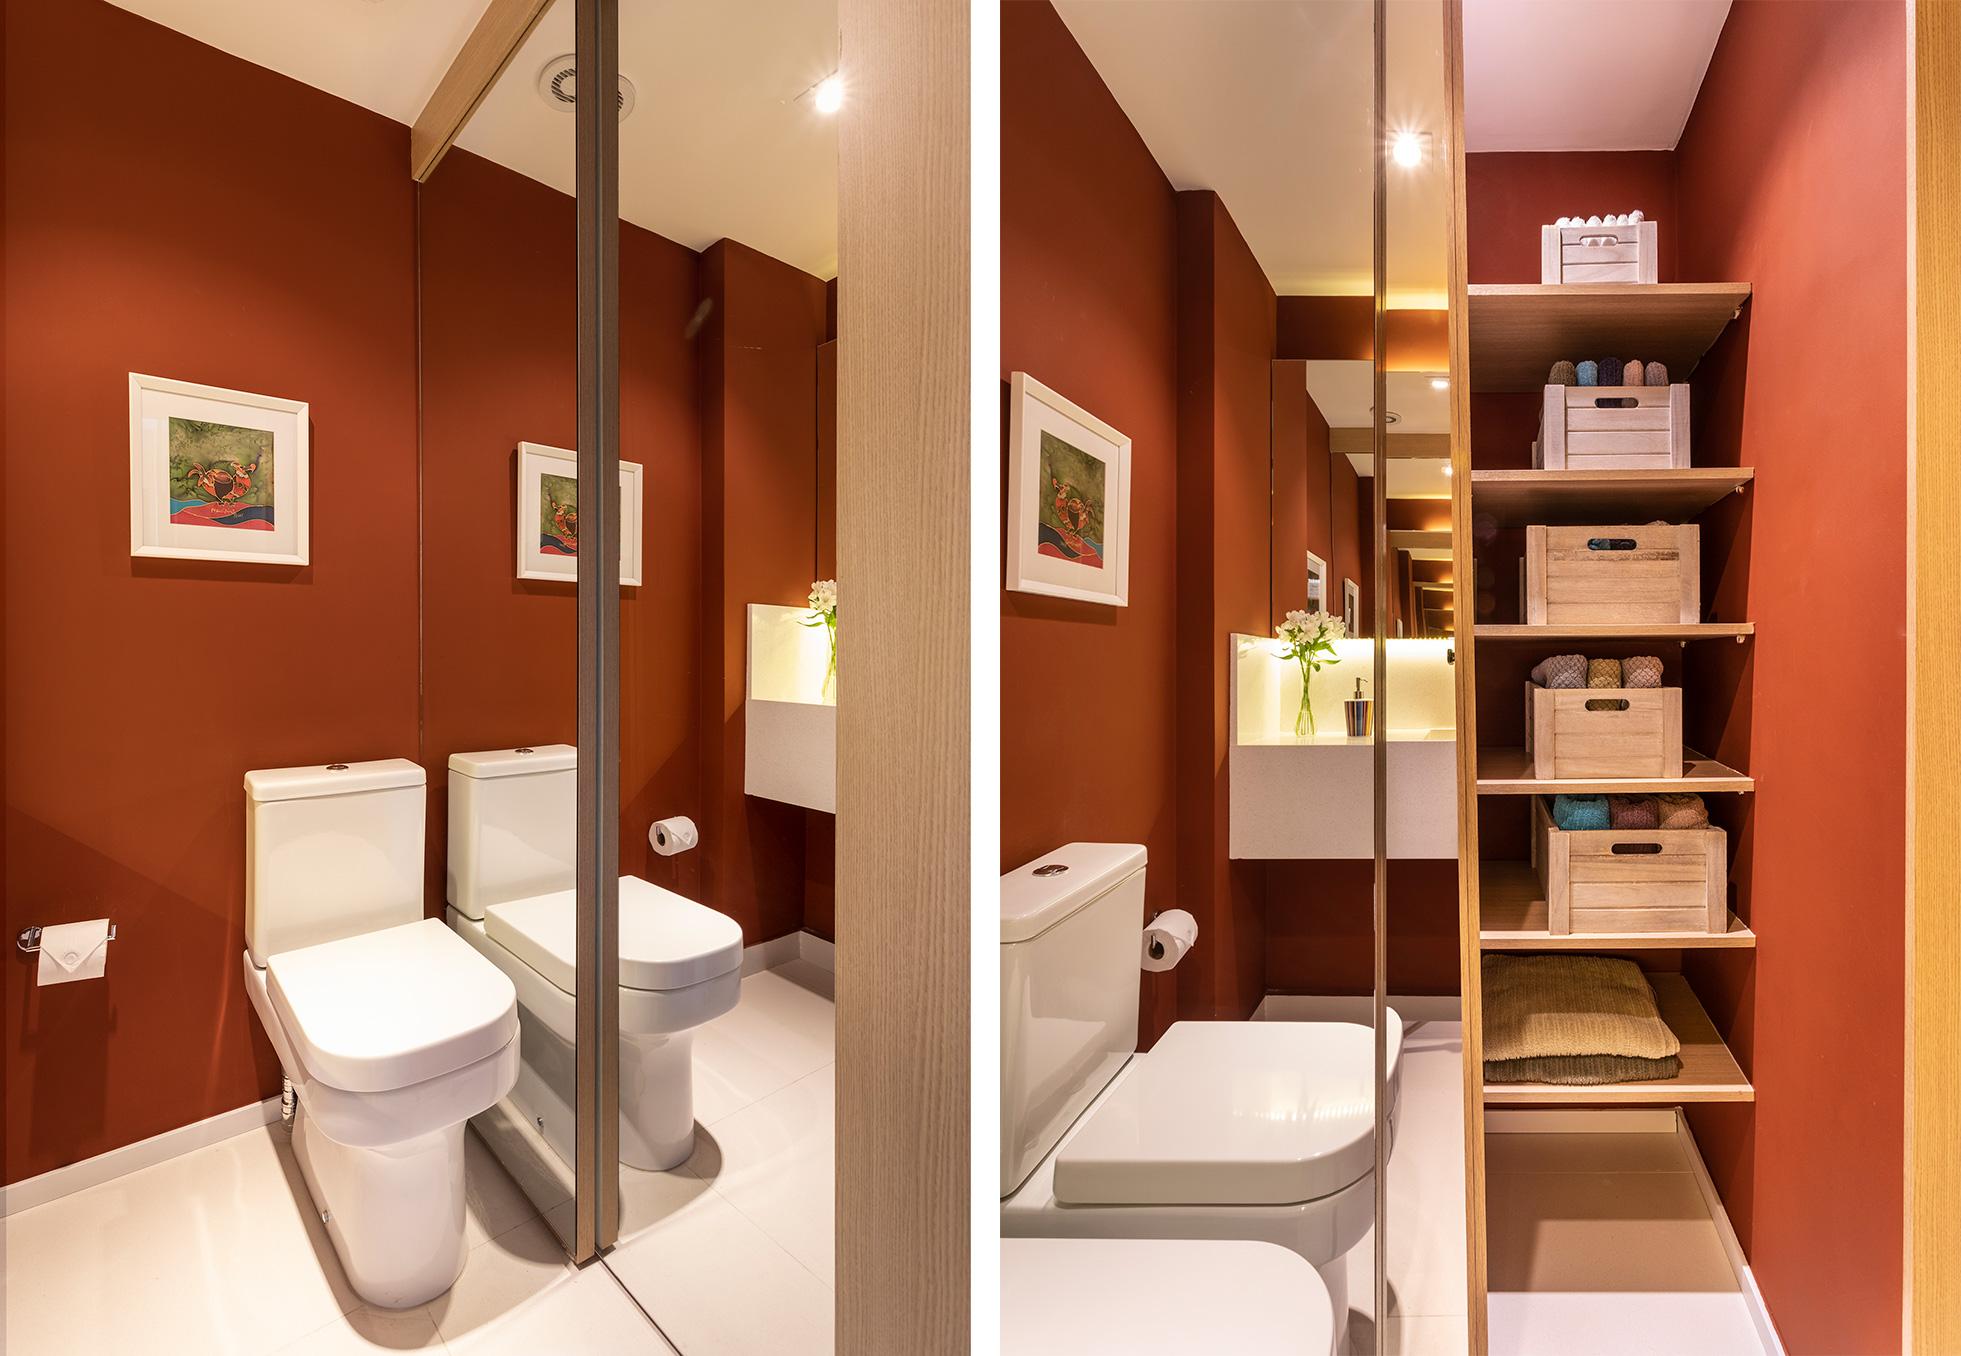 Banheiro foi transformado em lavabo, e área do box foi substituída por porta de correr revestida com espelho que esconde um armário.